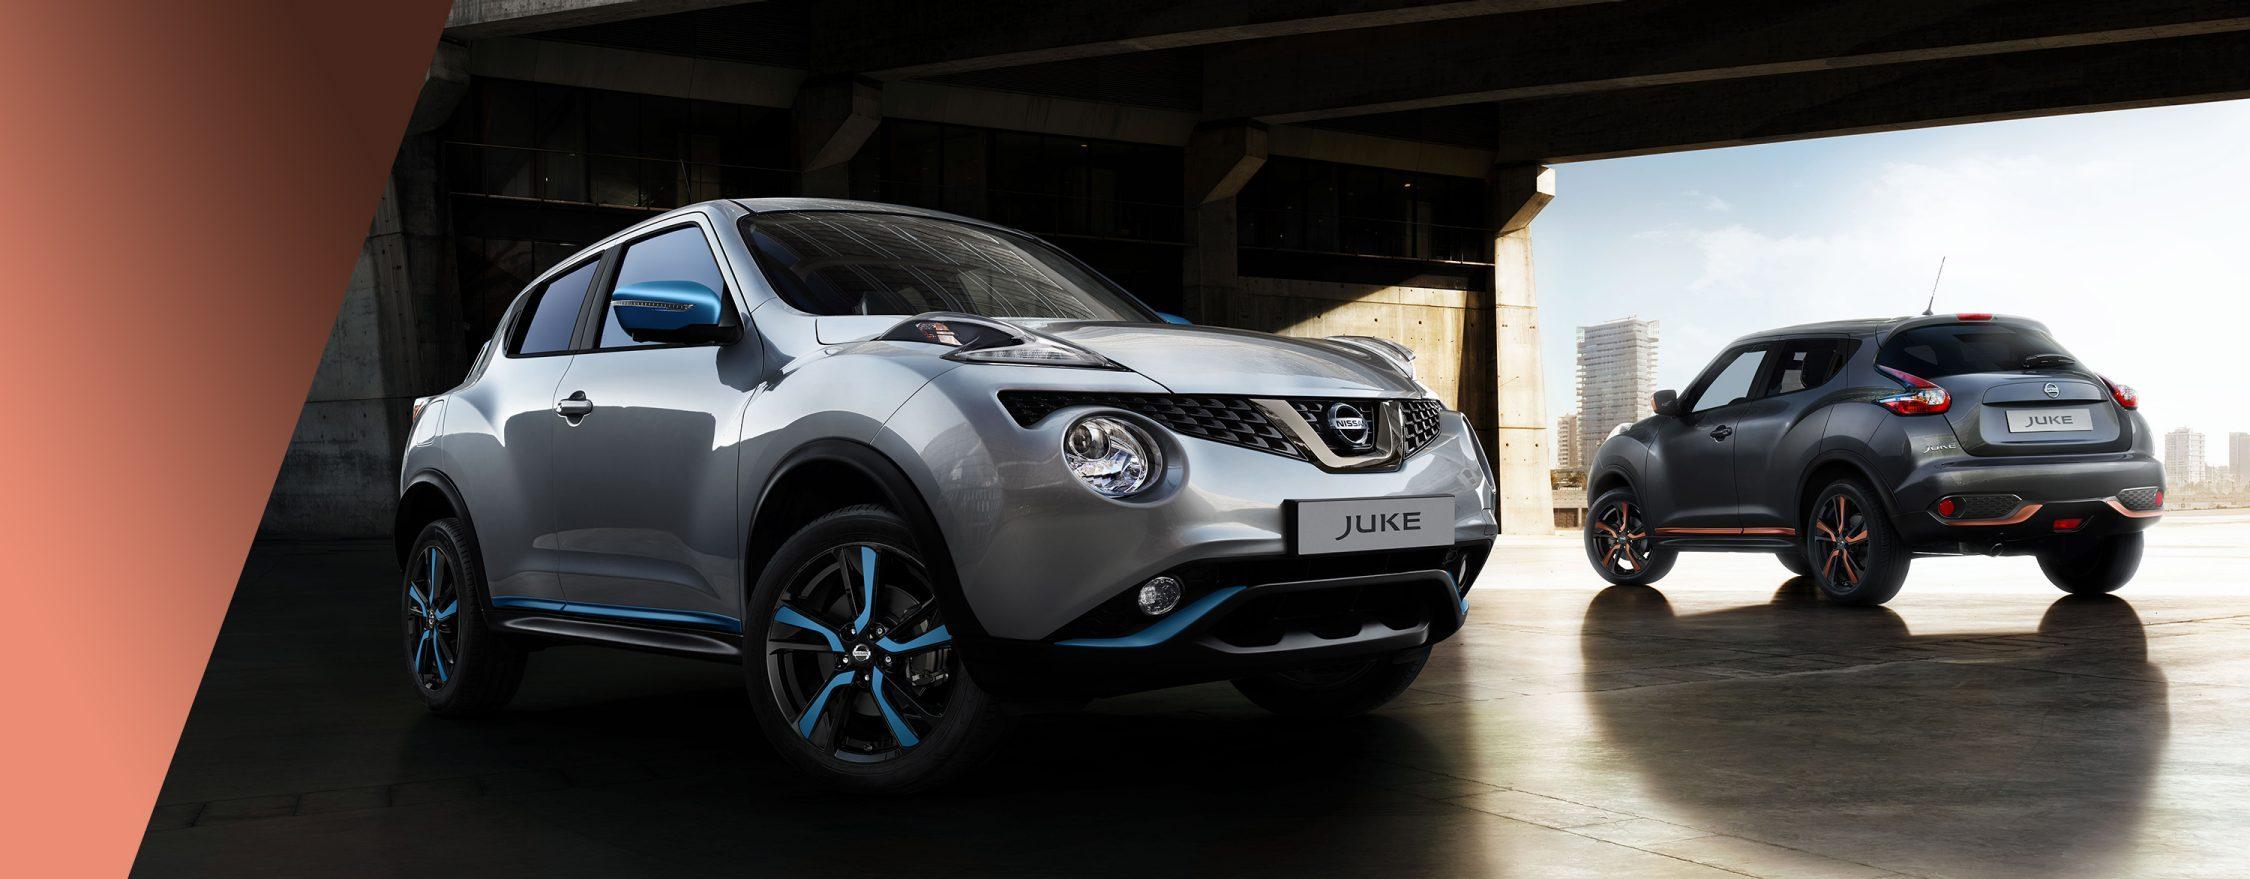 Новый Nissan JUKE, вид спереди с поворотом на 3/4 и вид сзади с поворотом на 3/4